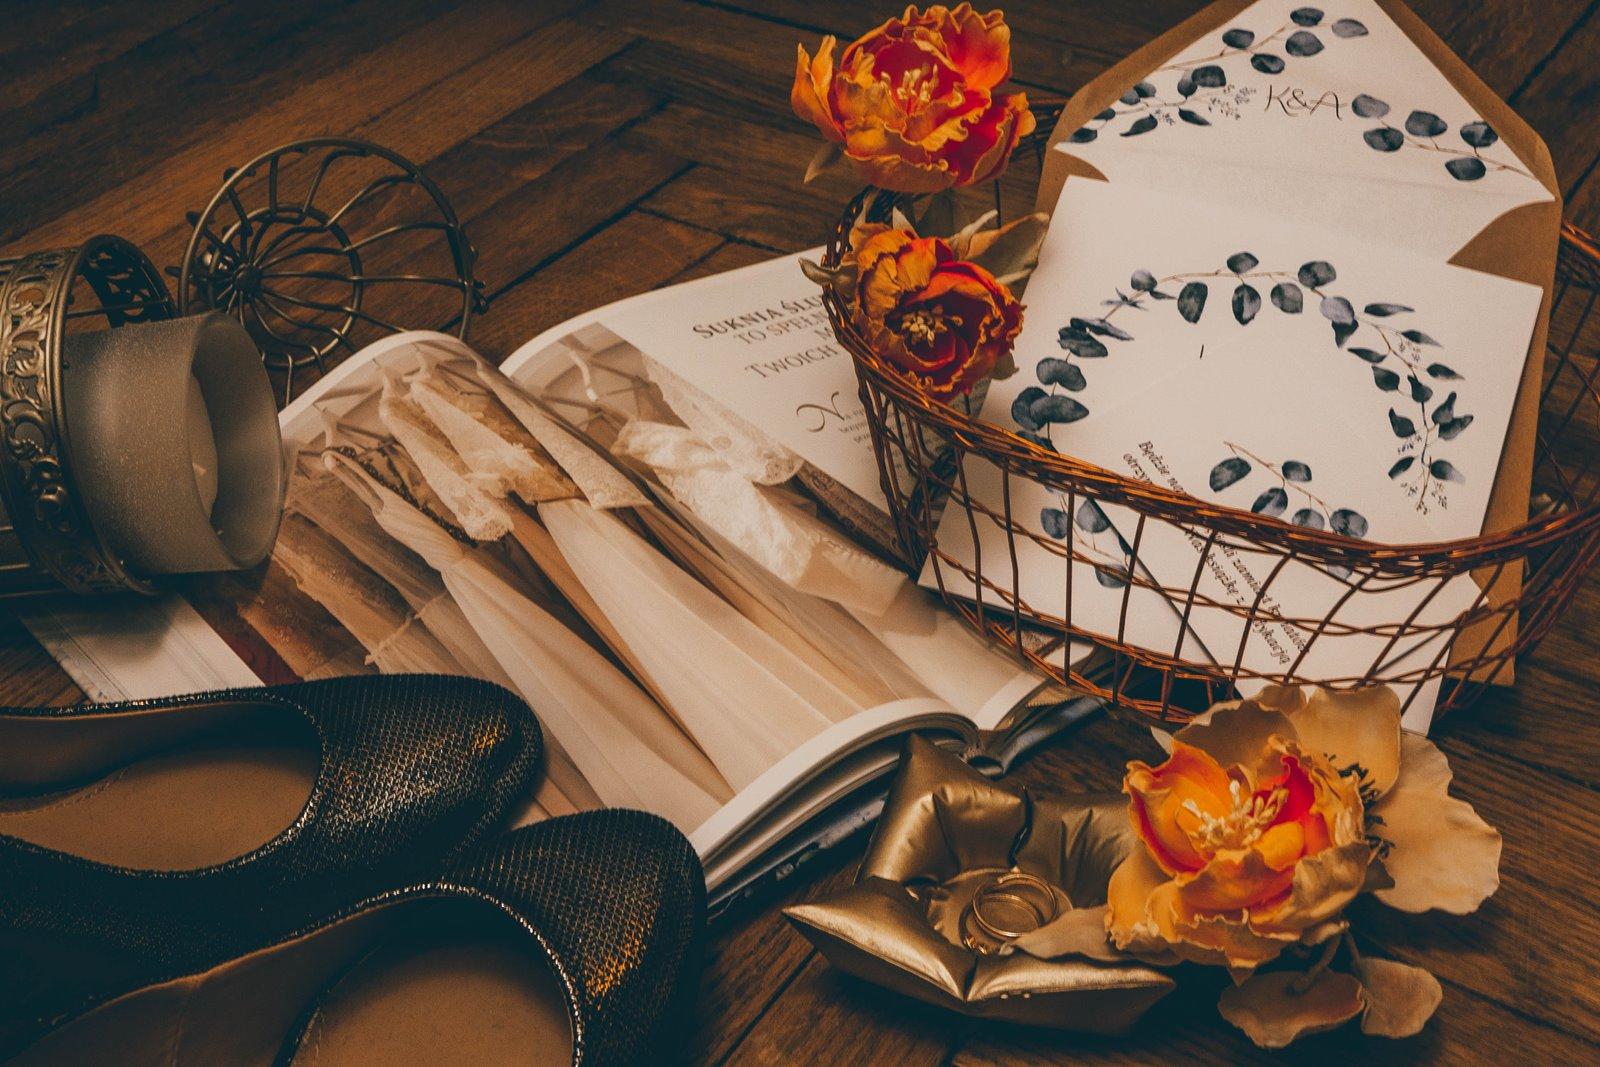 1 wierszyki prośba o pieniądze o książkę wino od gości weselnych, jak poprosić gości o pieniące ślub co zamiast kwiatów trendy w papeterii 2018 2019 2020 2021 2022 2023 2024 ślub porady wesele kolory jak dobrać motyw